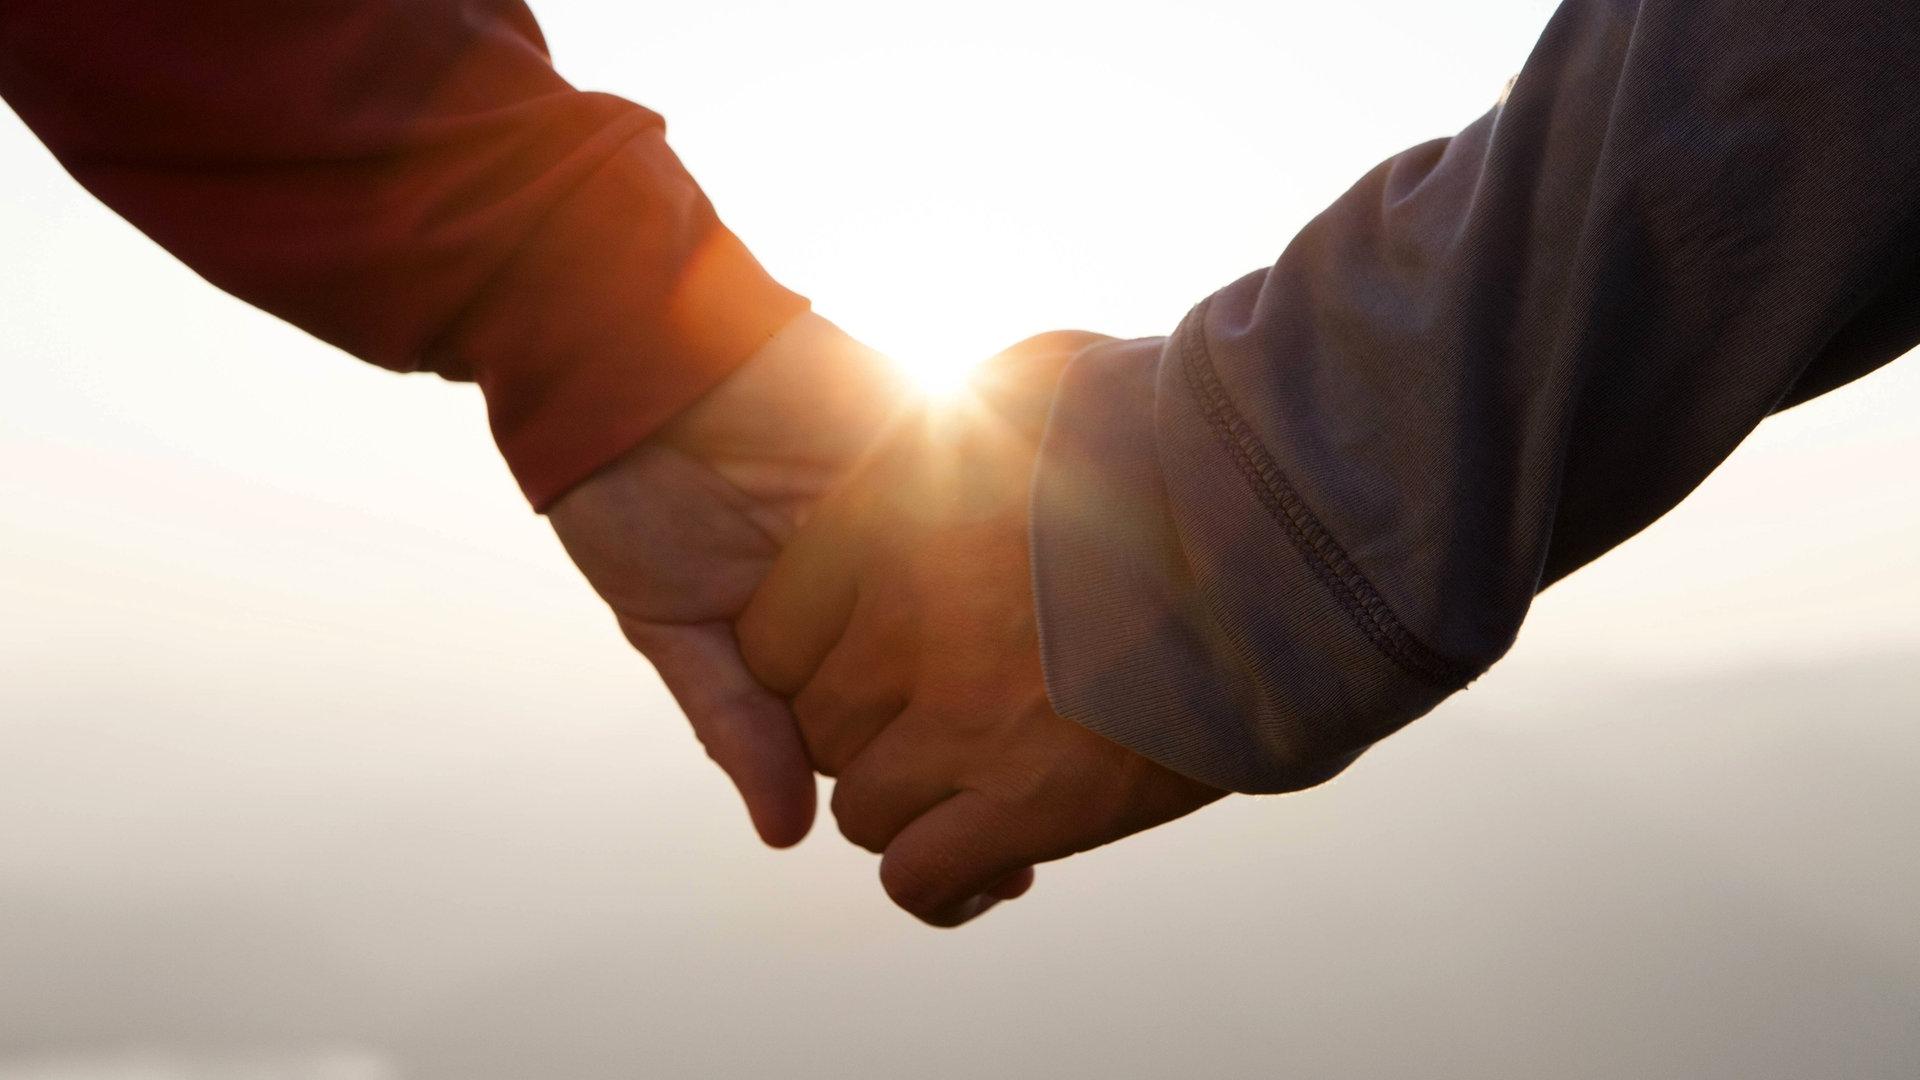 Internationale Dating-Agentur überprüft Die oberen Dating-Standorte im Nahen Osten